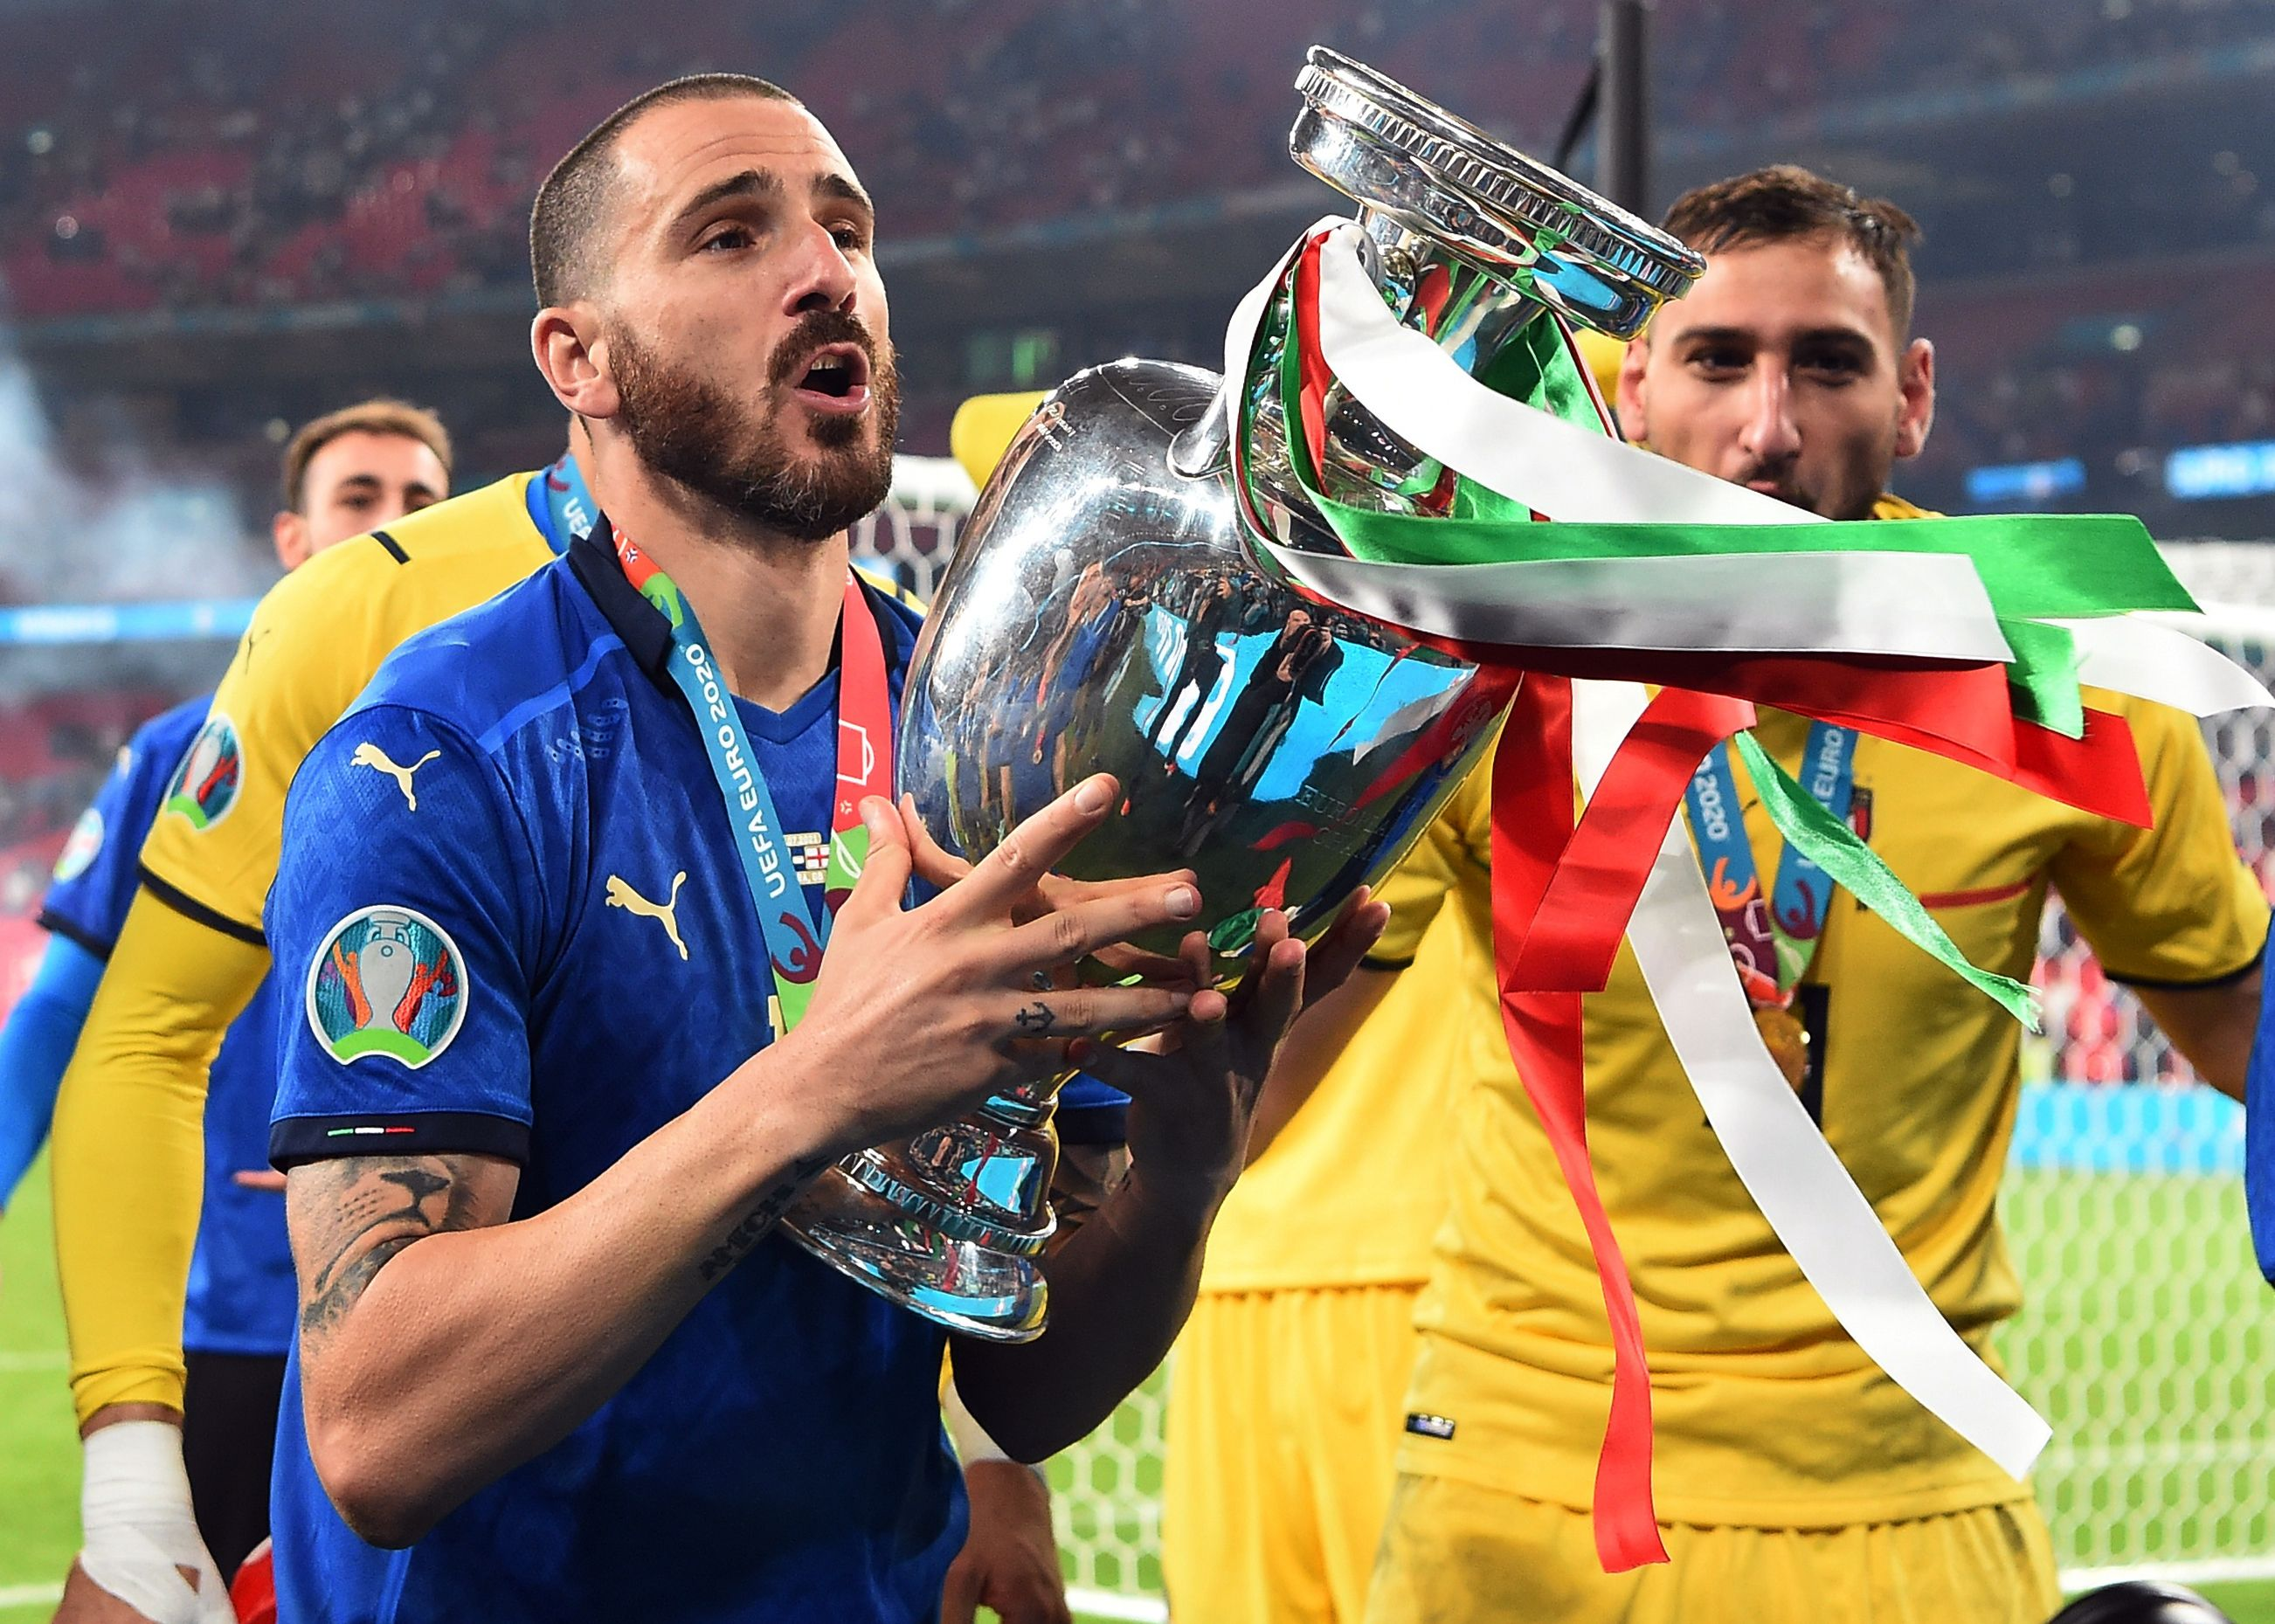 इटली के लियोनार्डो बनूची ने मैच के 67वें मिनट में गोल किया। वे यूरो कप के फाइनल में गोल करने वाले सबसे उम्रदराज खिलाड़ी बन गए। उनकी उम्र 34 साल 71 दिन रही।